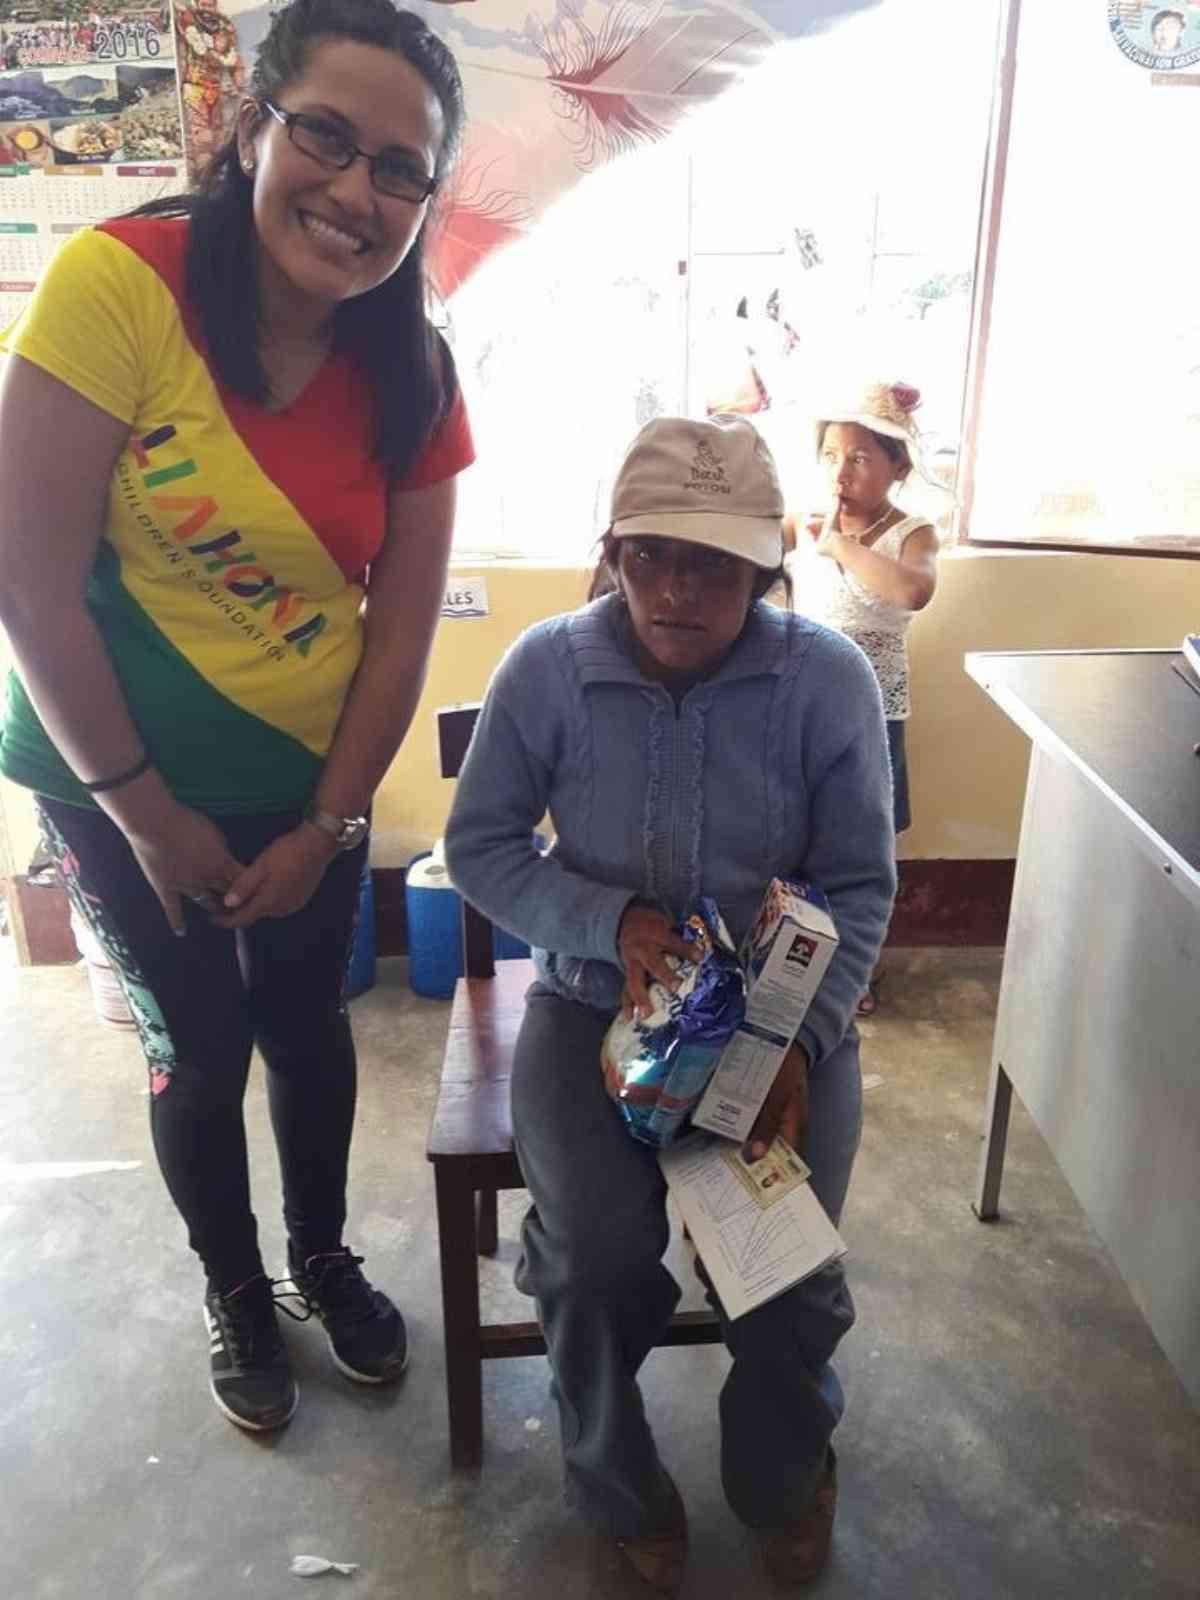 Kampong Tom 12 2015 023 Resized